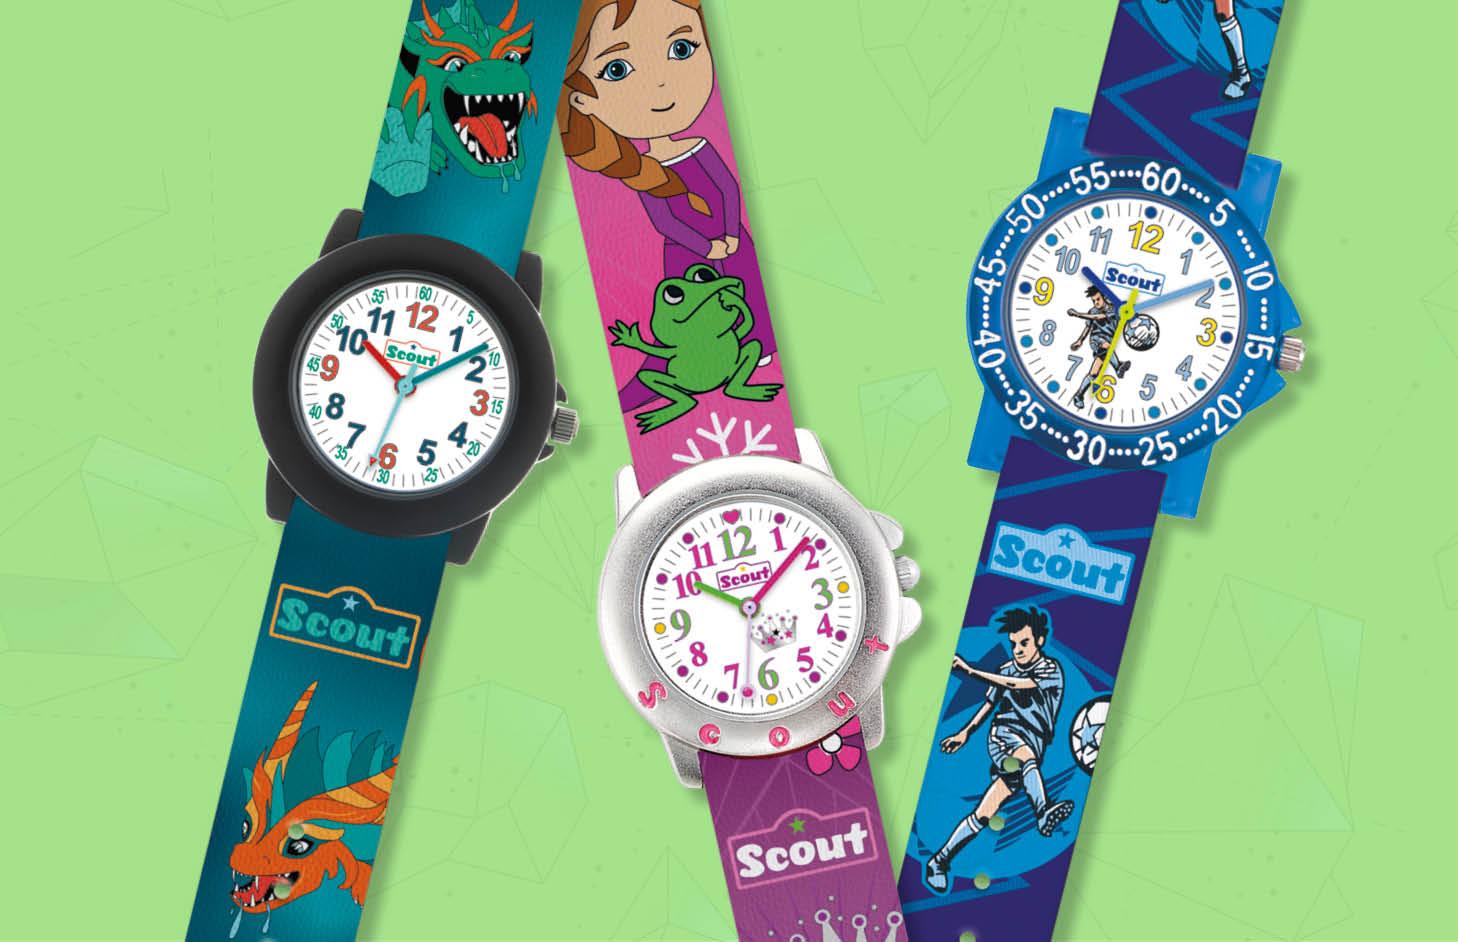 Armbanduhr kinder scout  Offizieller Onlineshop für Scout Uhren und Schmuck